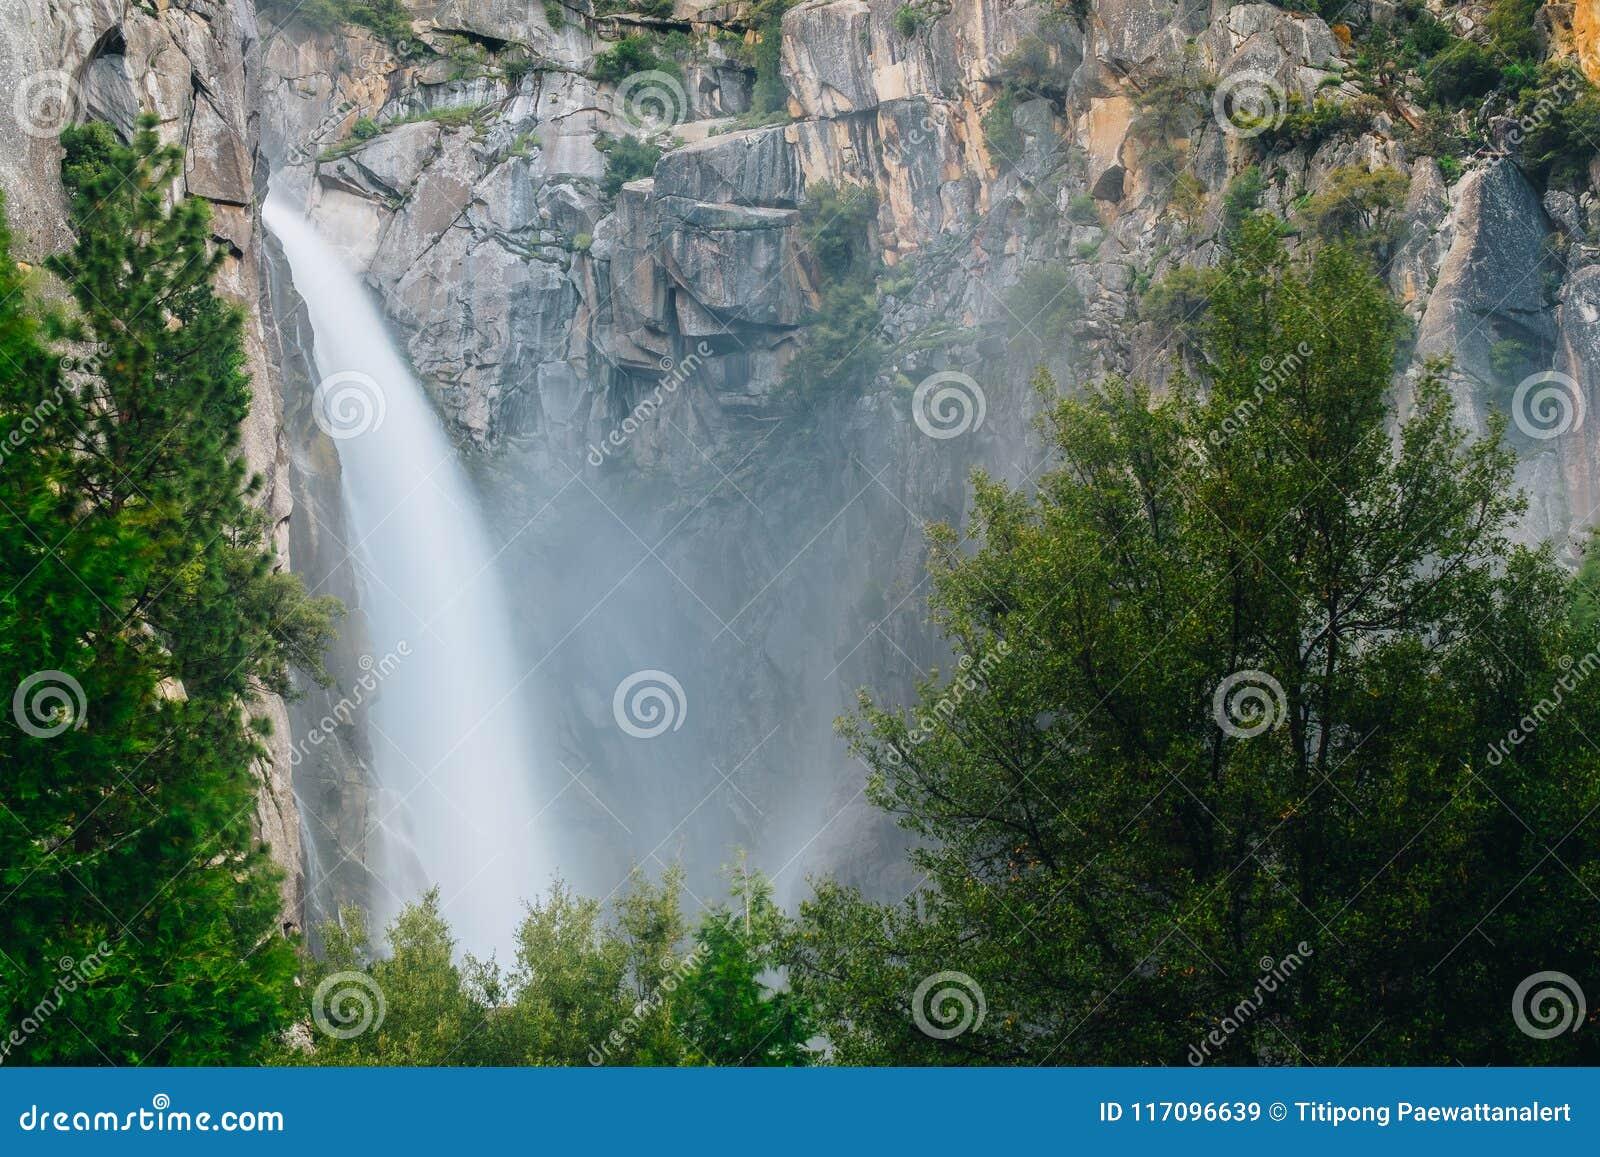 Is het Yosemite Nationale Park een nationaal park van Verenigde Staten